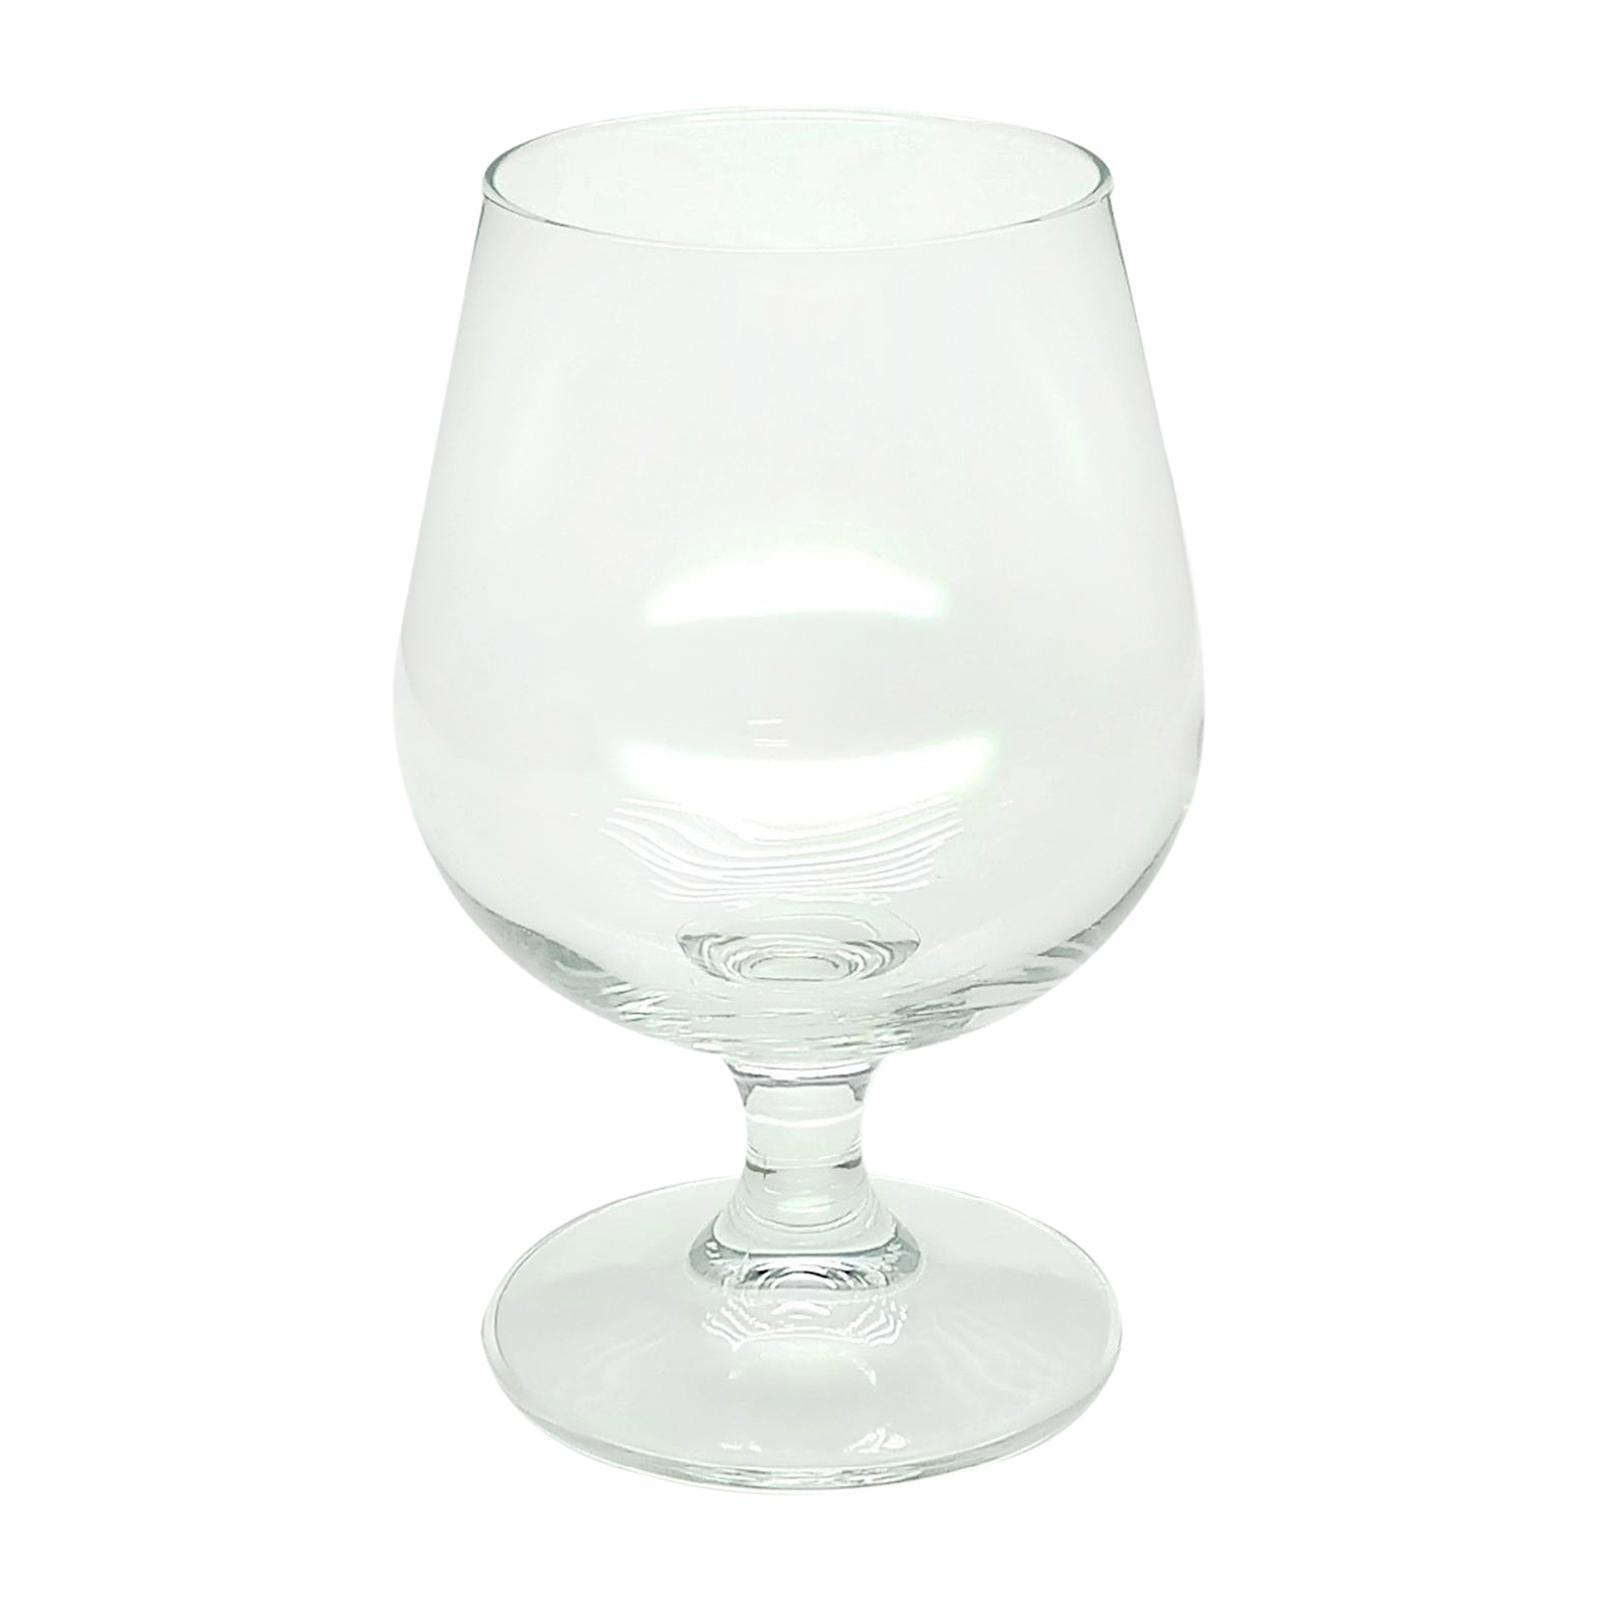 Bormioli Rocco Riserva Cognac Glass 48.5 CL (6 PCS)